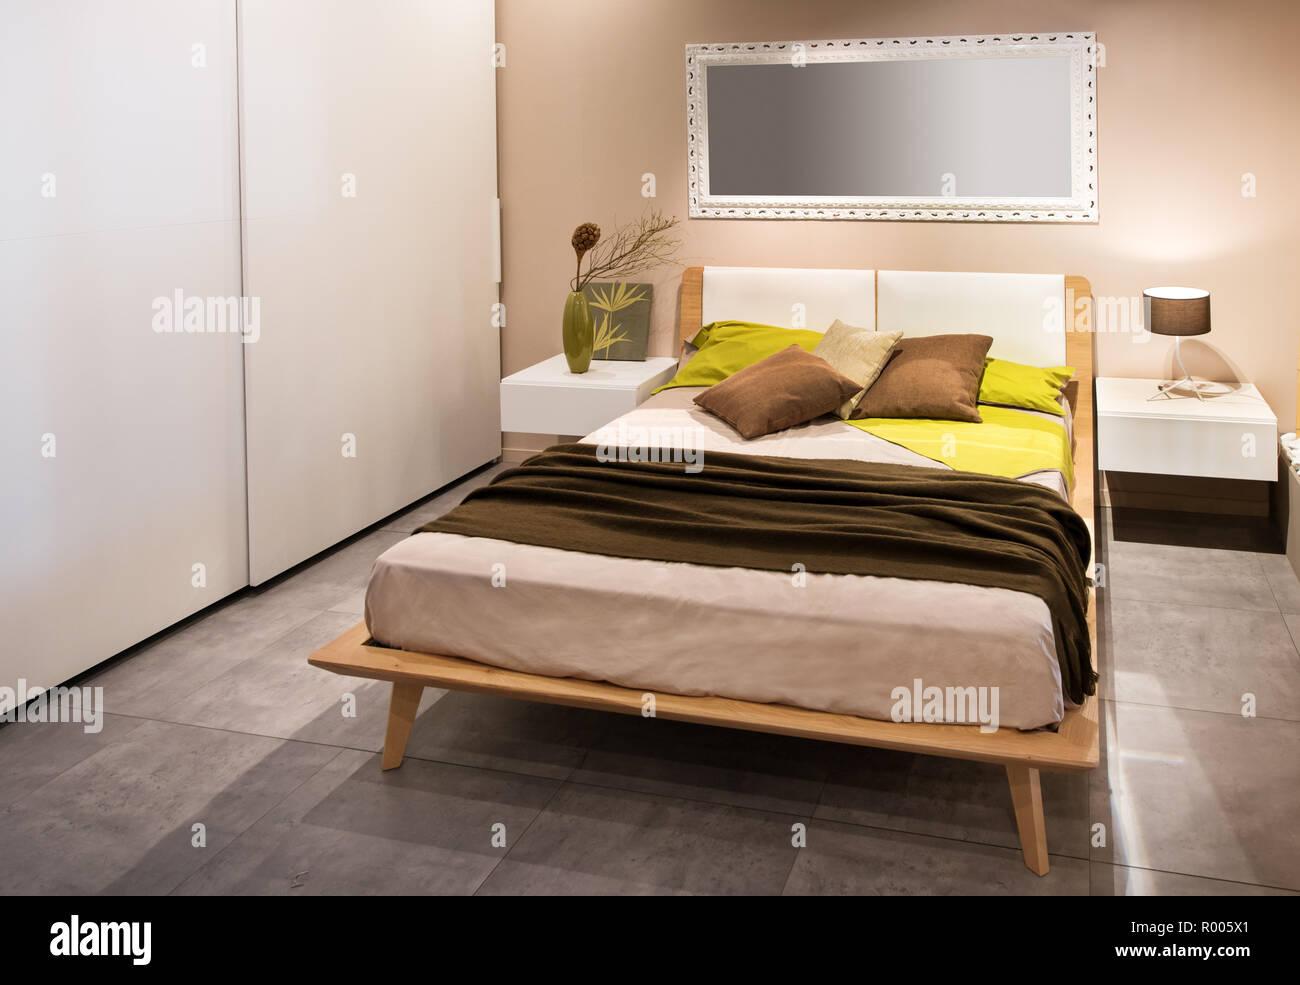 Pavimenti Camere Da Letto Moderne camere da letto moderne con pavimenti in legno di stile